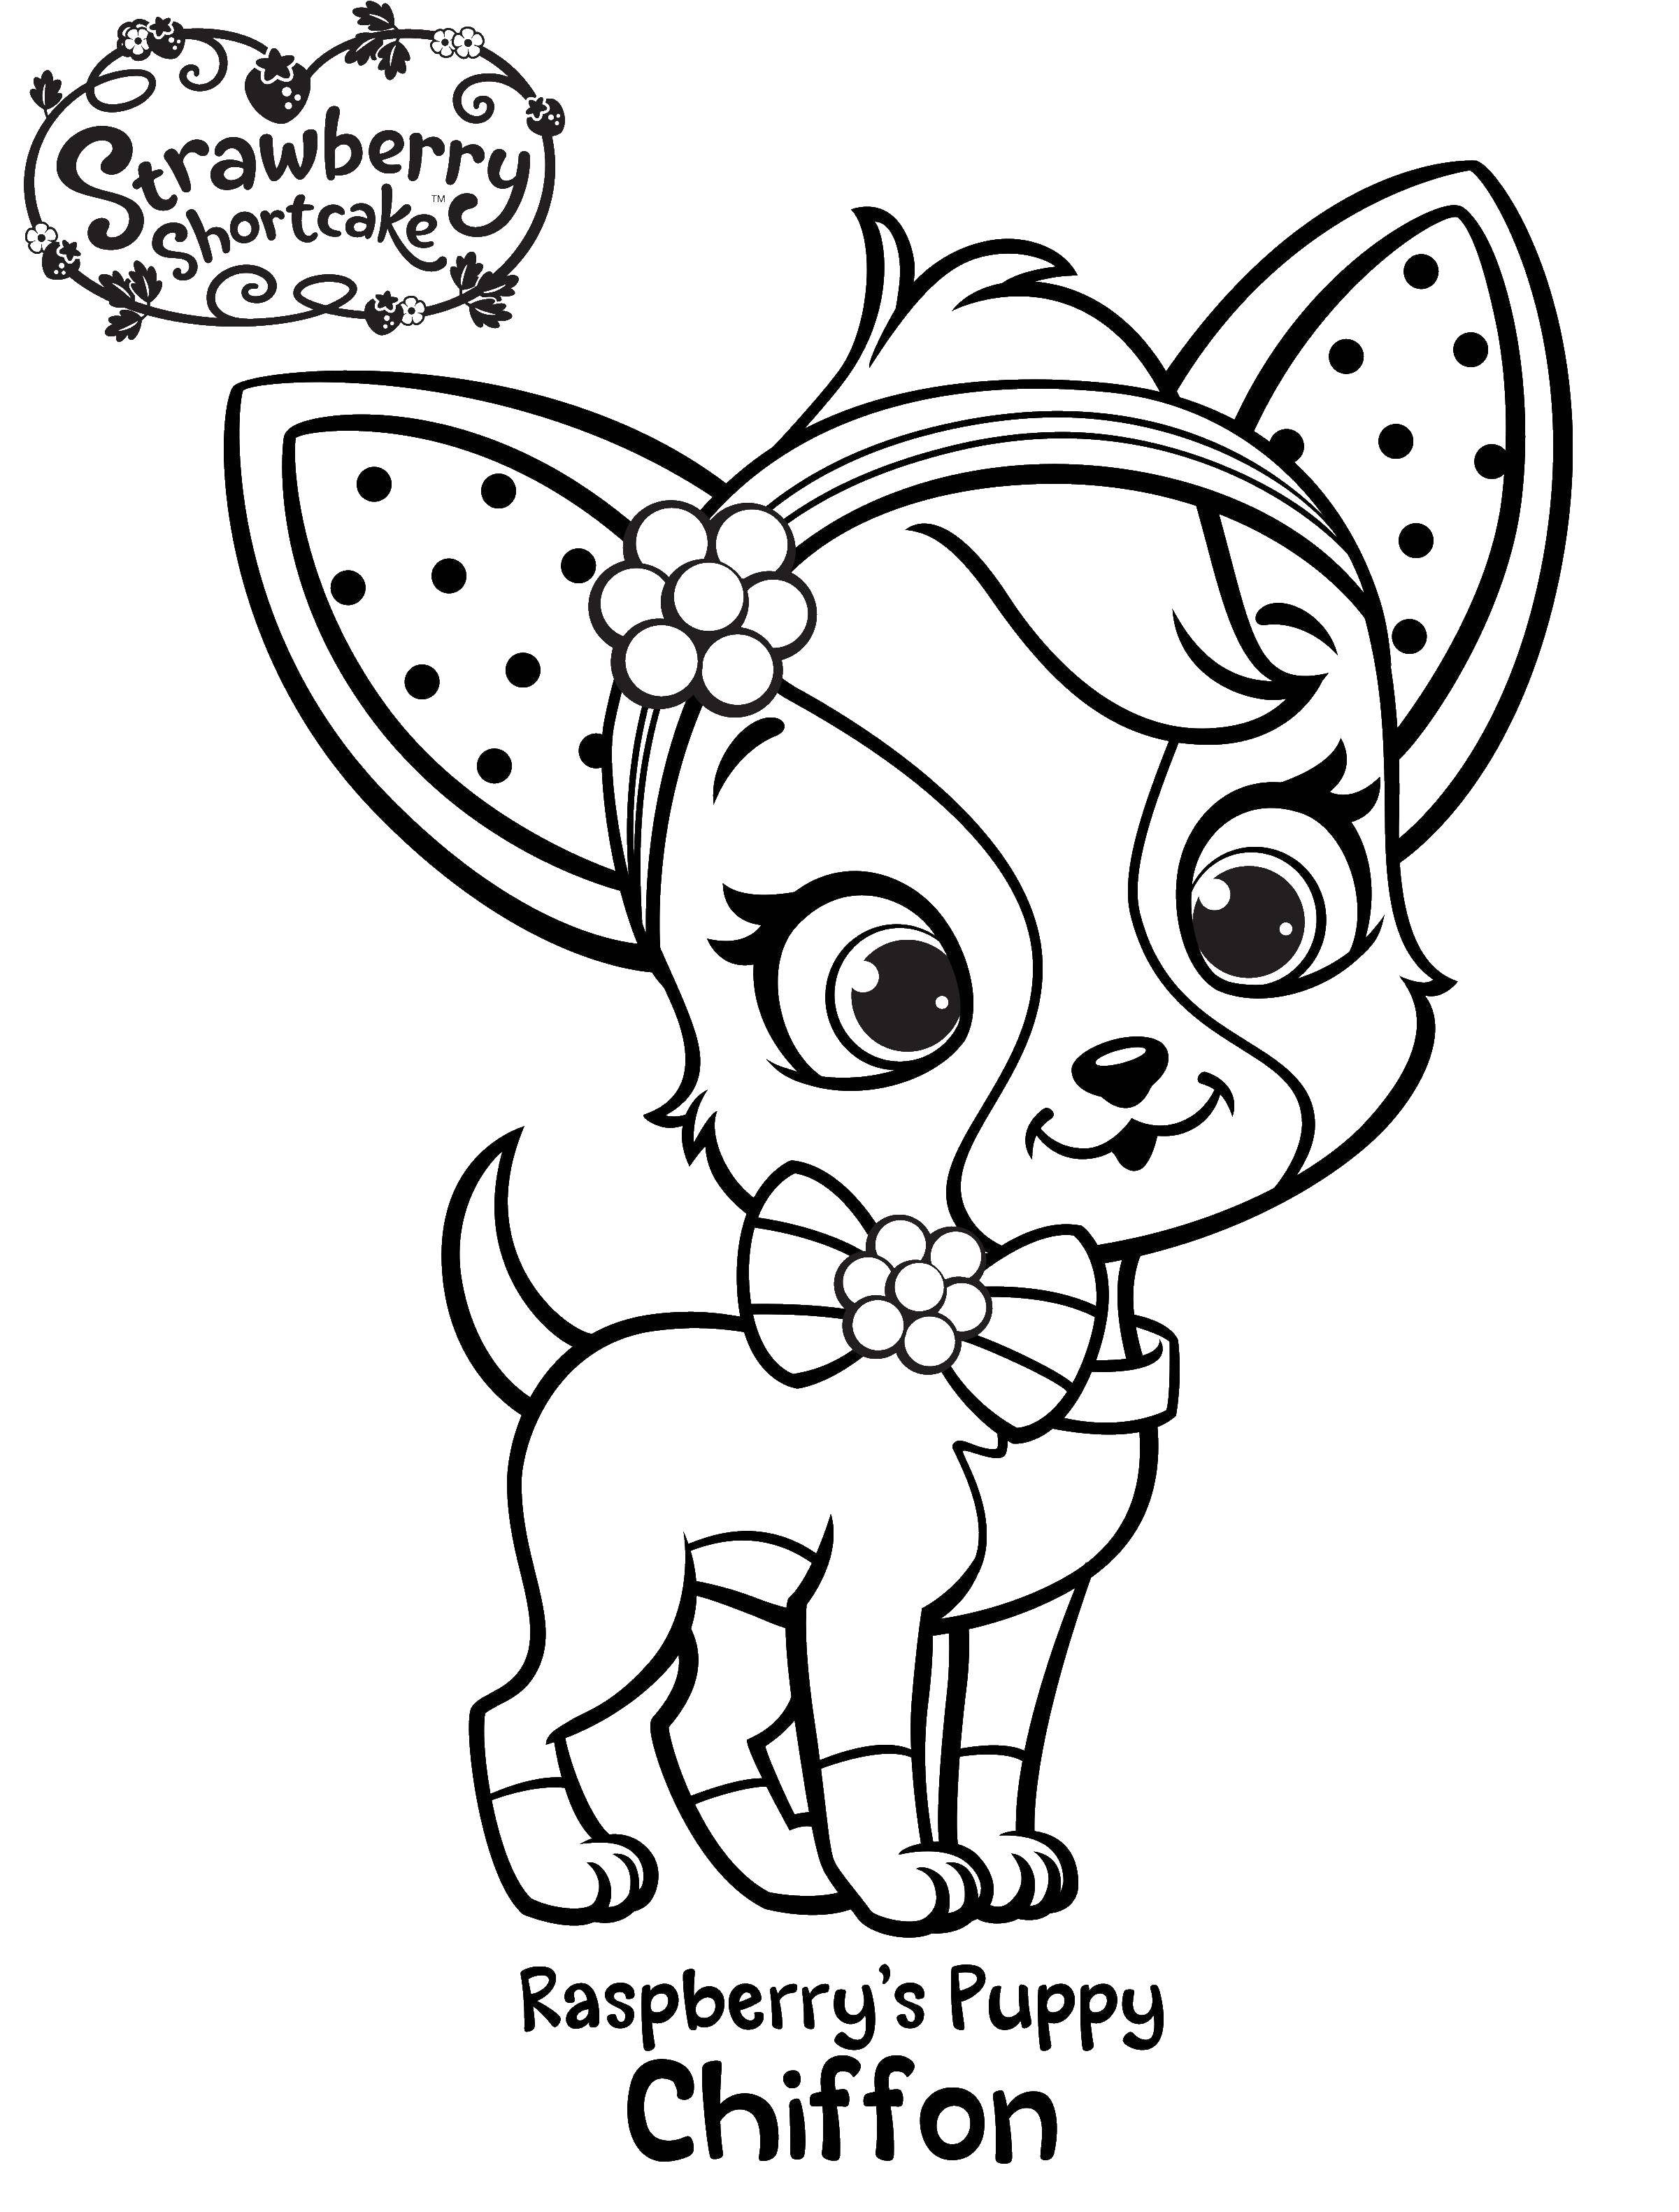 Раскраска Шарлотта земляничка щенок Скачать шарлотта, земляничка, мультики, собака.  Распечатать ,шарлотта земляничка мультики,